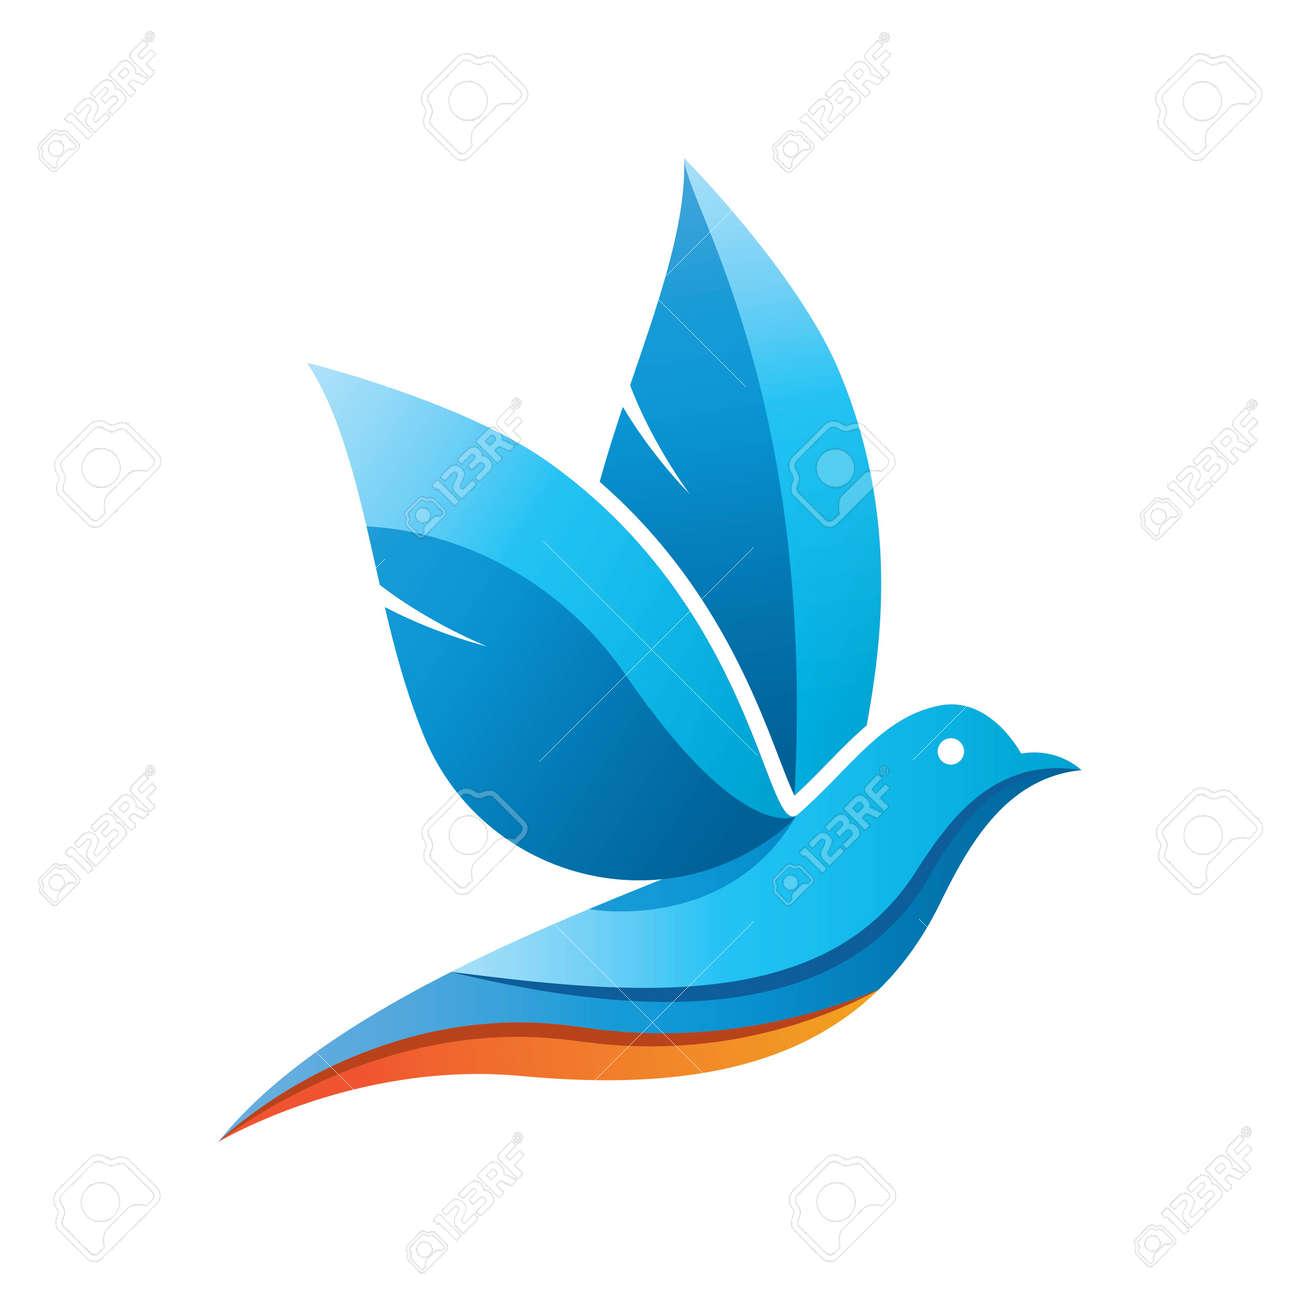 Dove logo images illustration design - 168292213